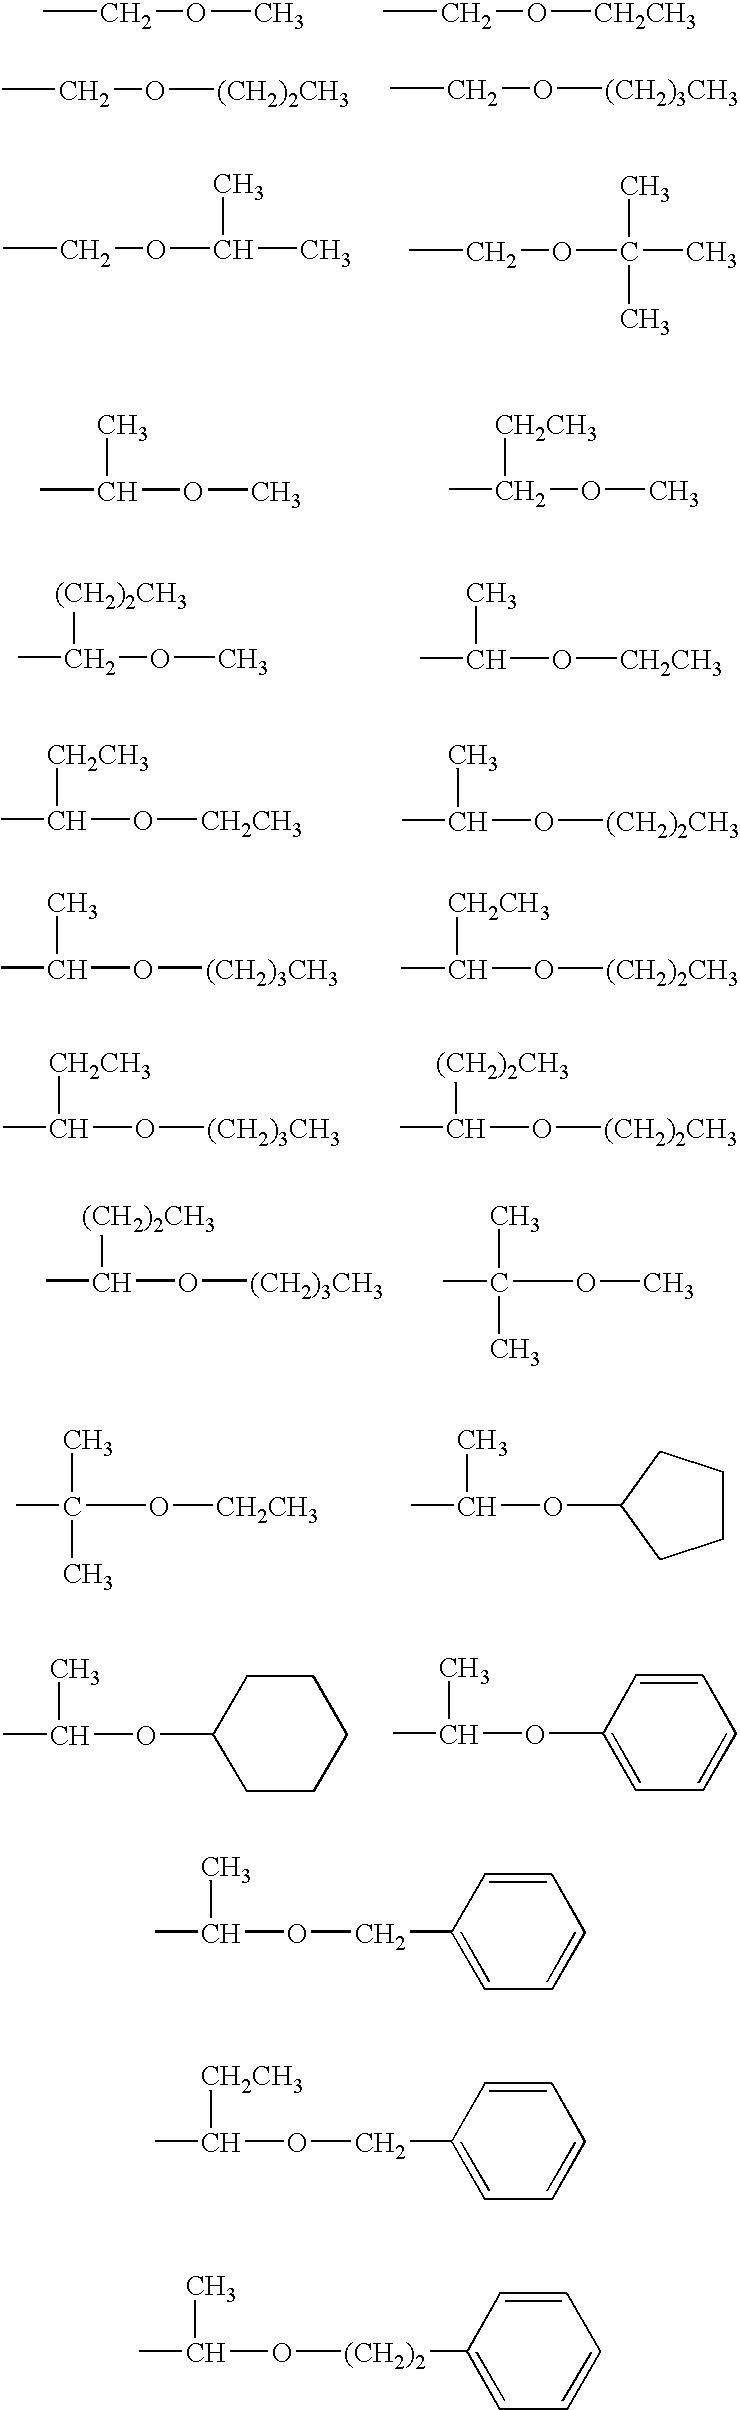 Figure US20050106499A1-20050519-C00008